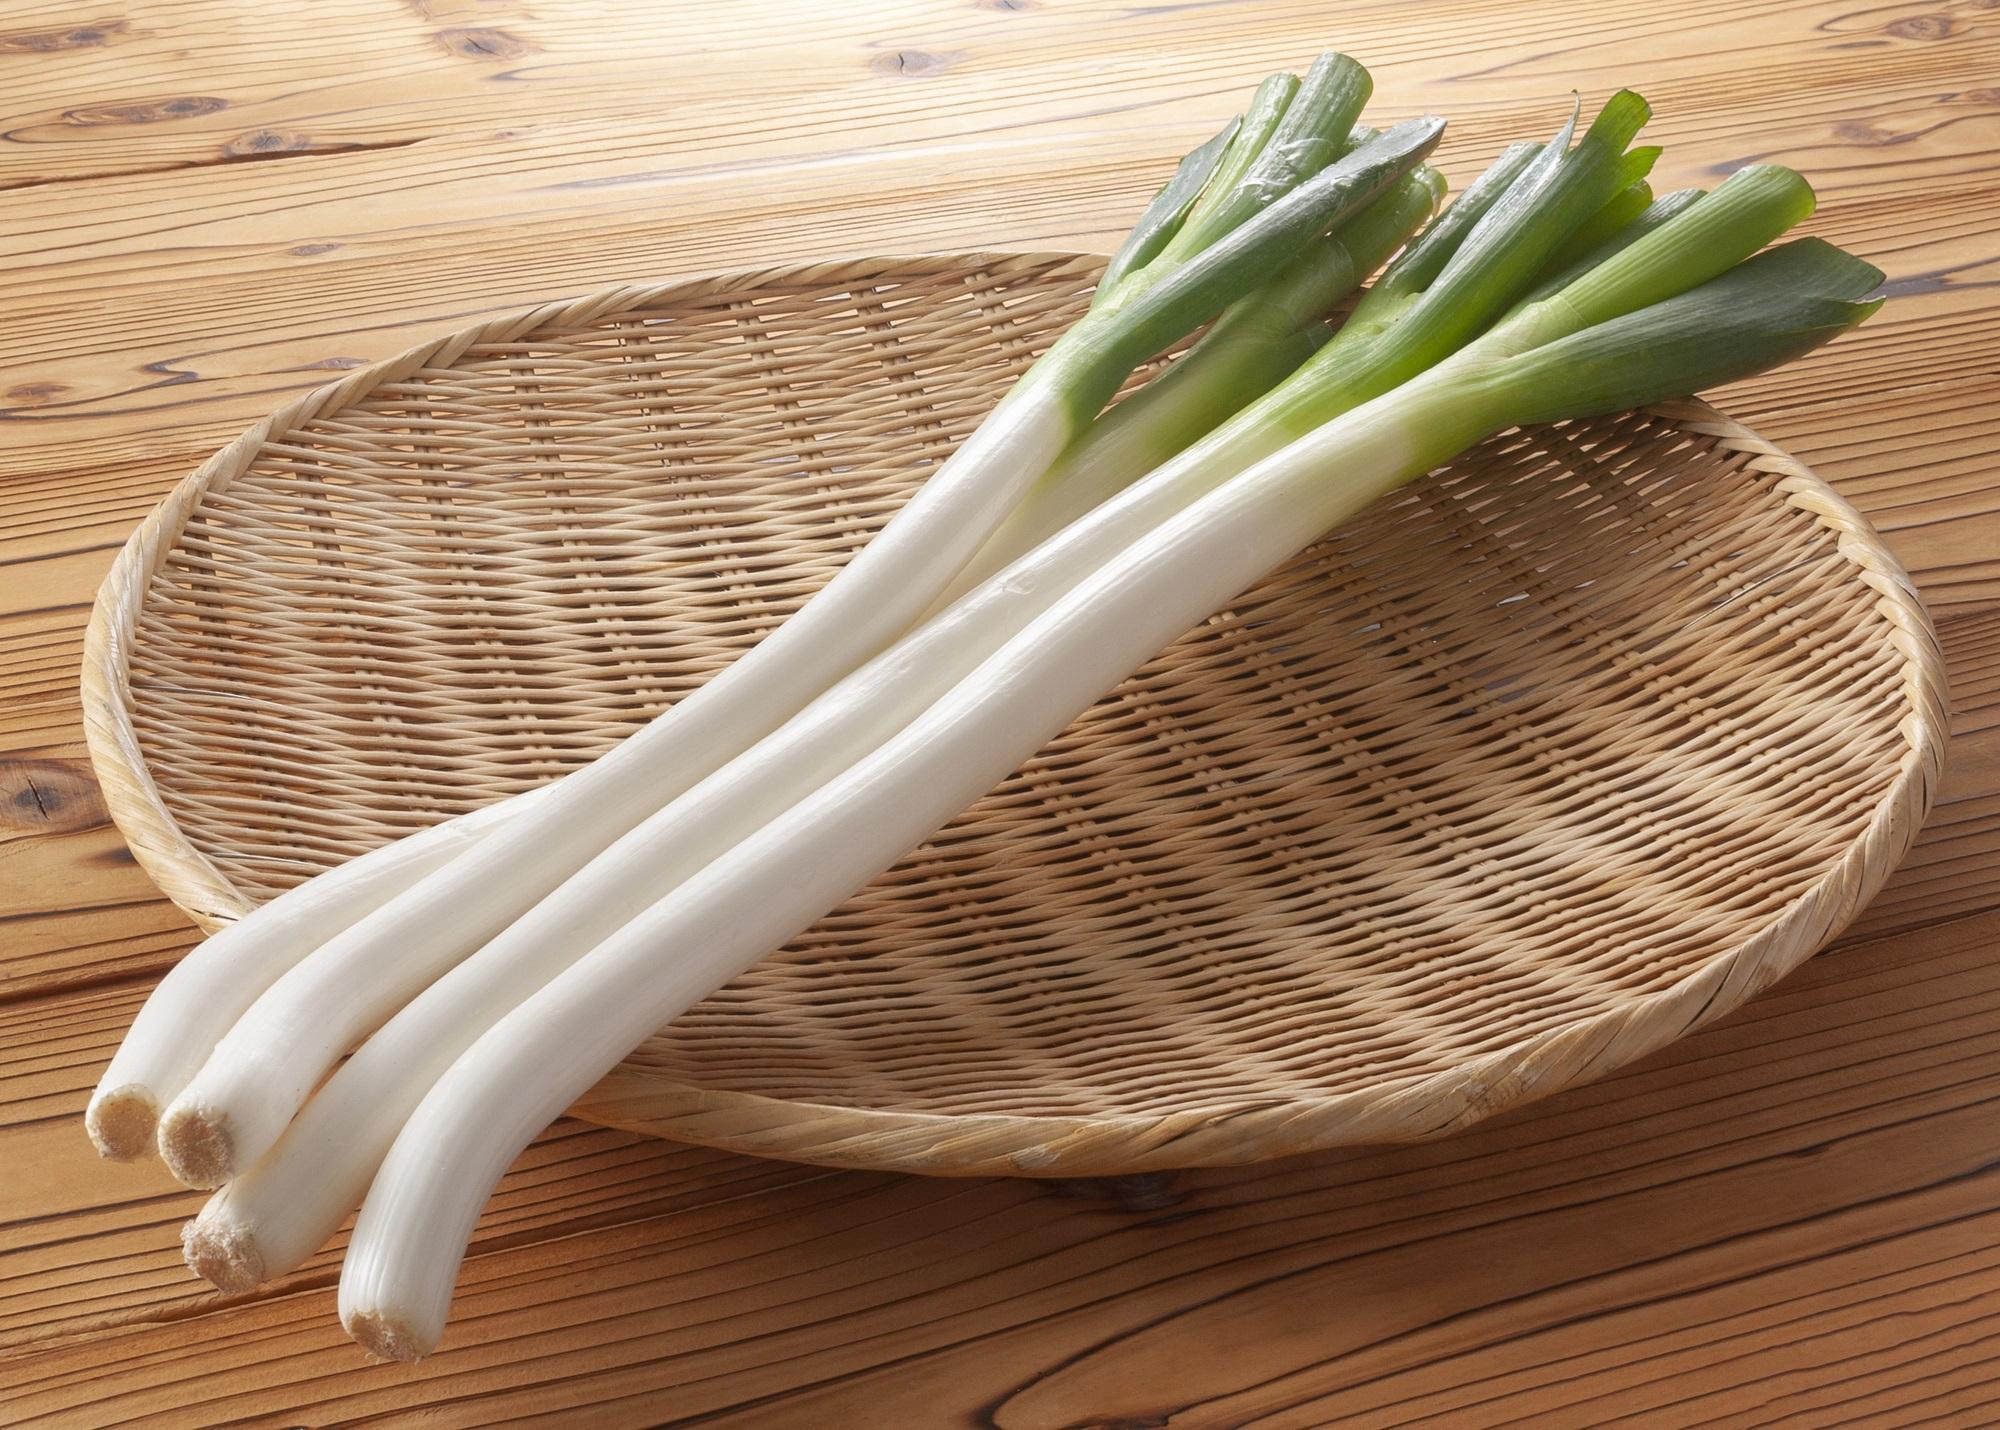 白ネギと青ネギの違い|日本料理(和食)・しゃぶしゃぶ 瓢喜 (ヒョウキ)